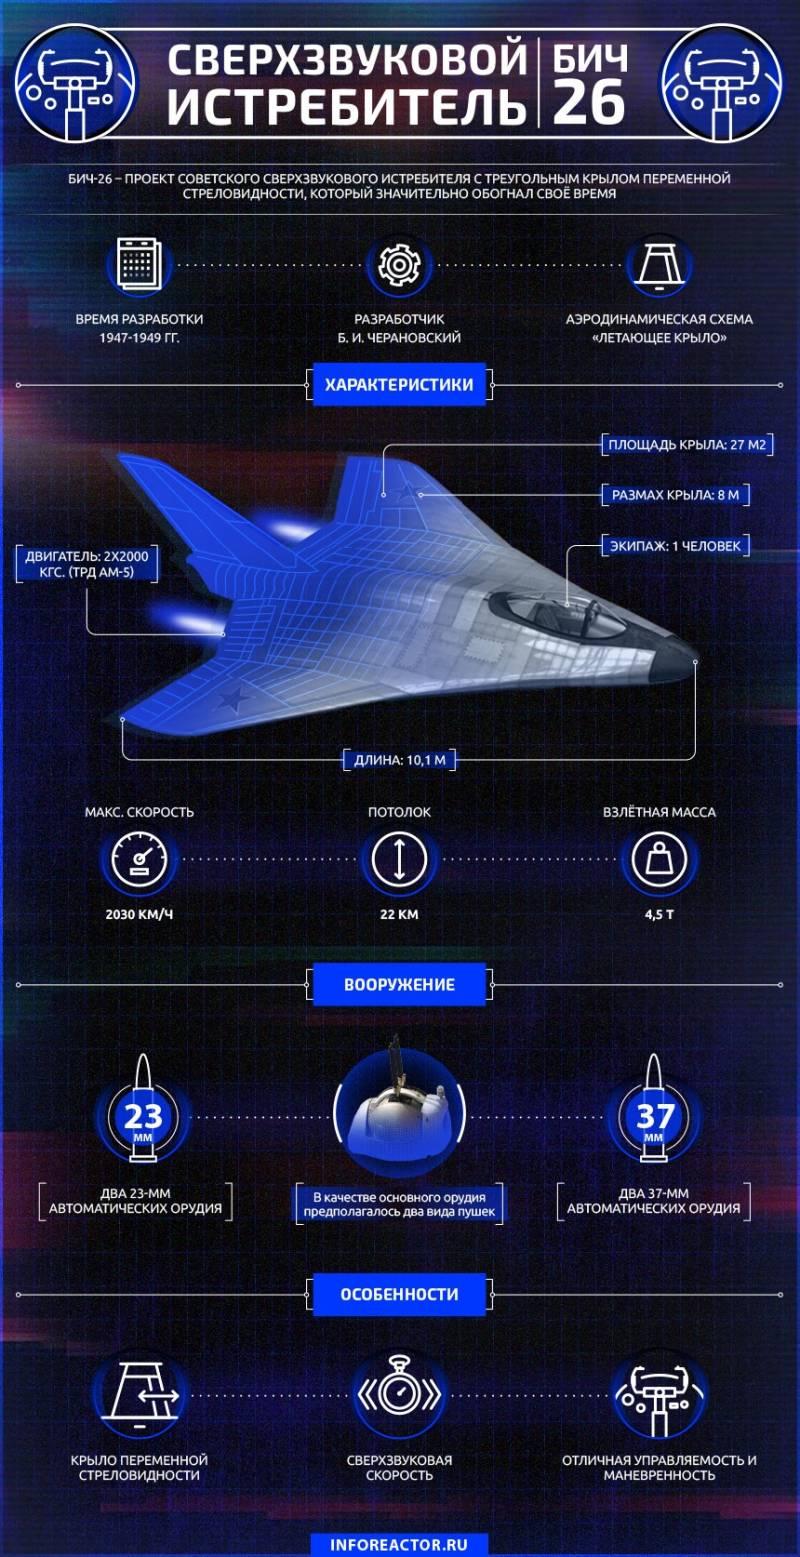 Экспериментальный сверхзвуковой истребитель БИЧ-26. Инфографика